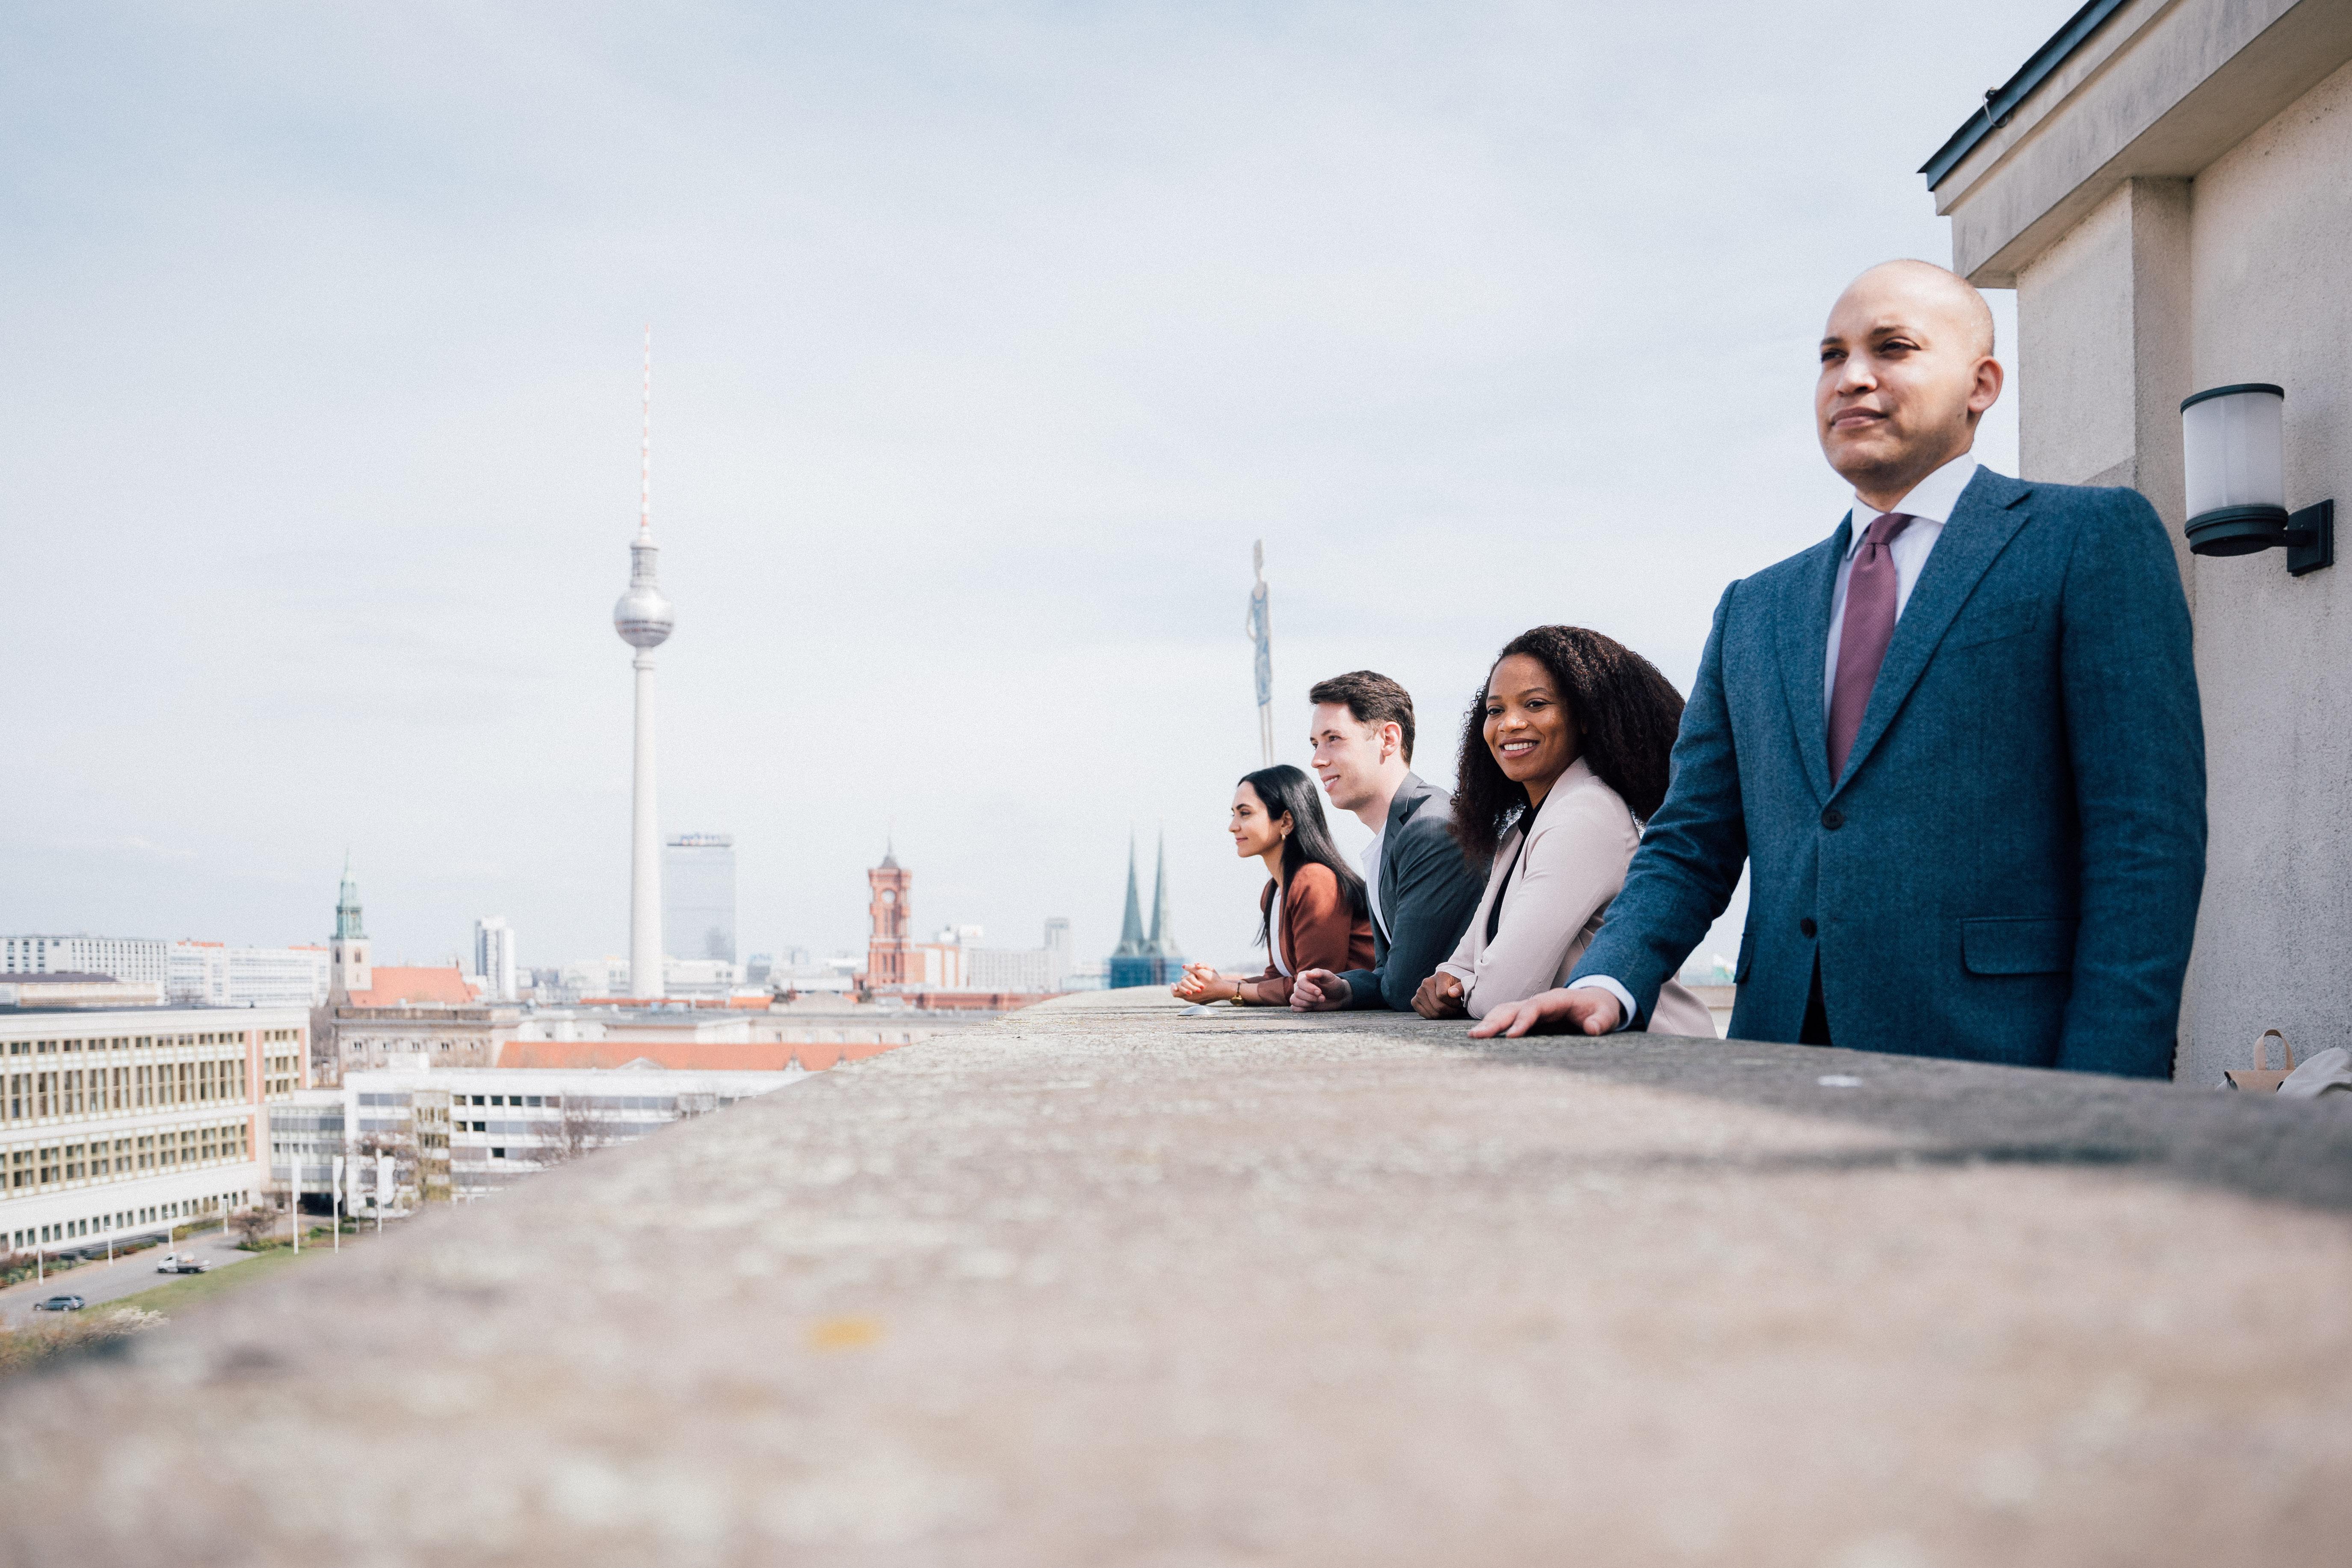 Die Initiator*innen des Netzwerkes wissen um die fehlende Diversität in Deutschlands Behörden – meist aus eigener Erfahrung: (v.l.n.r.) Diba, Fabian, Tiaji und Marcel.